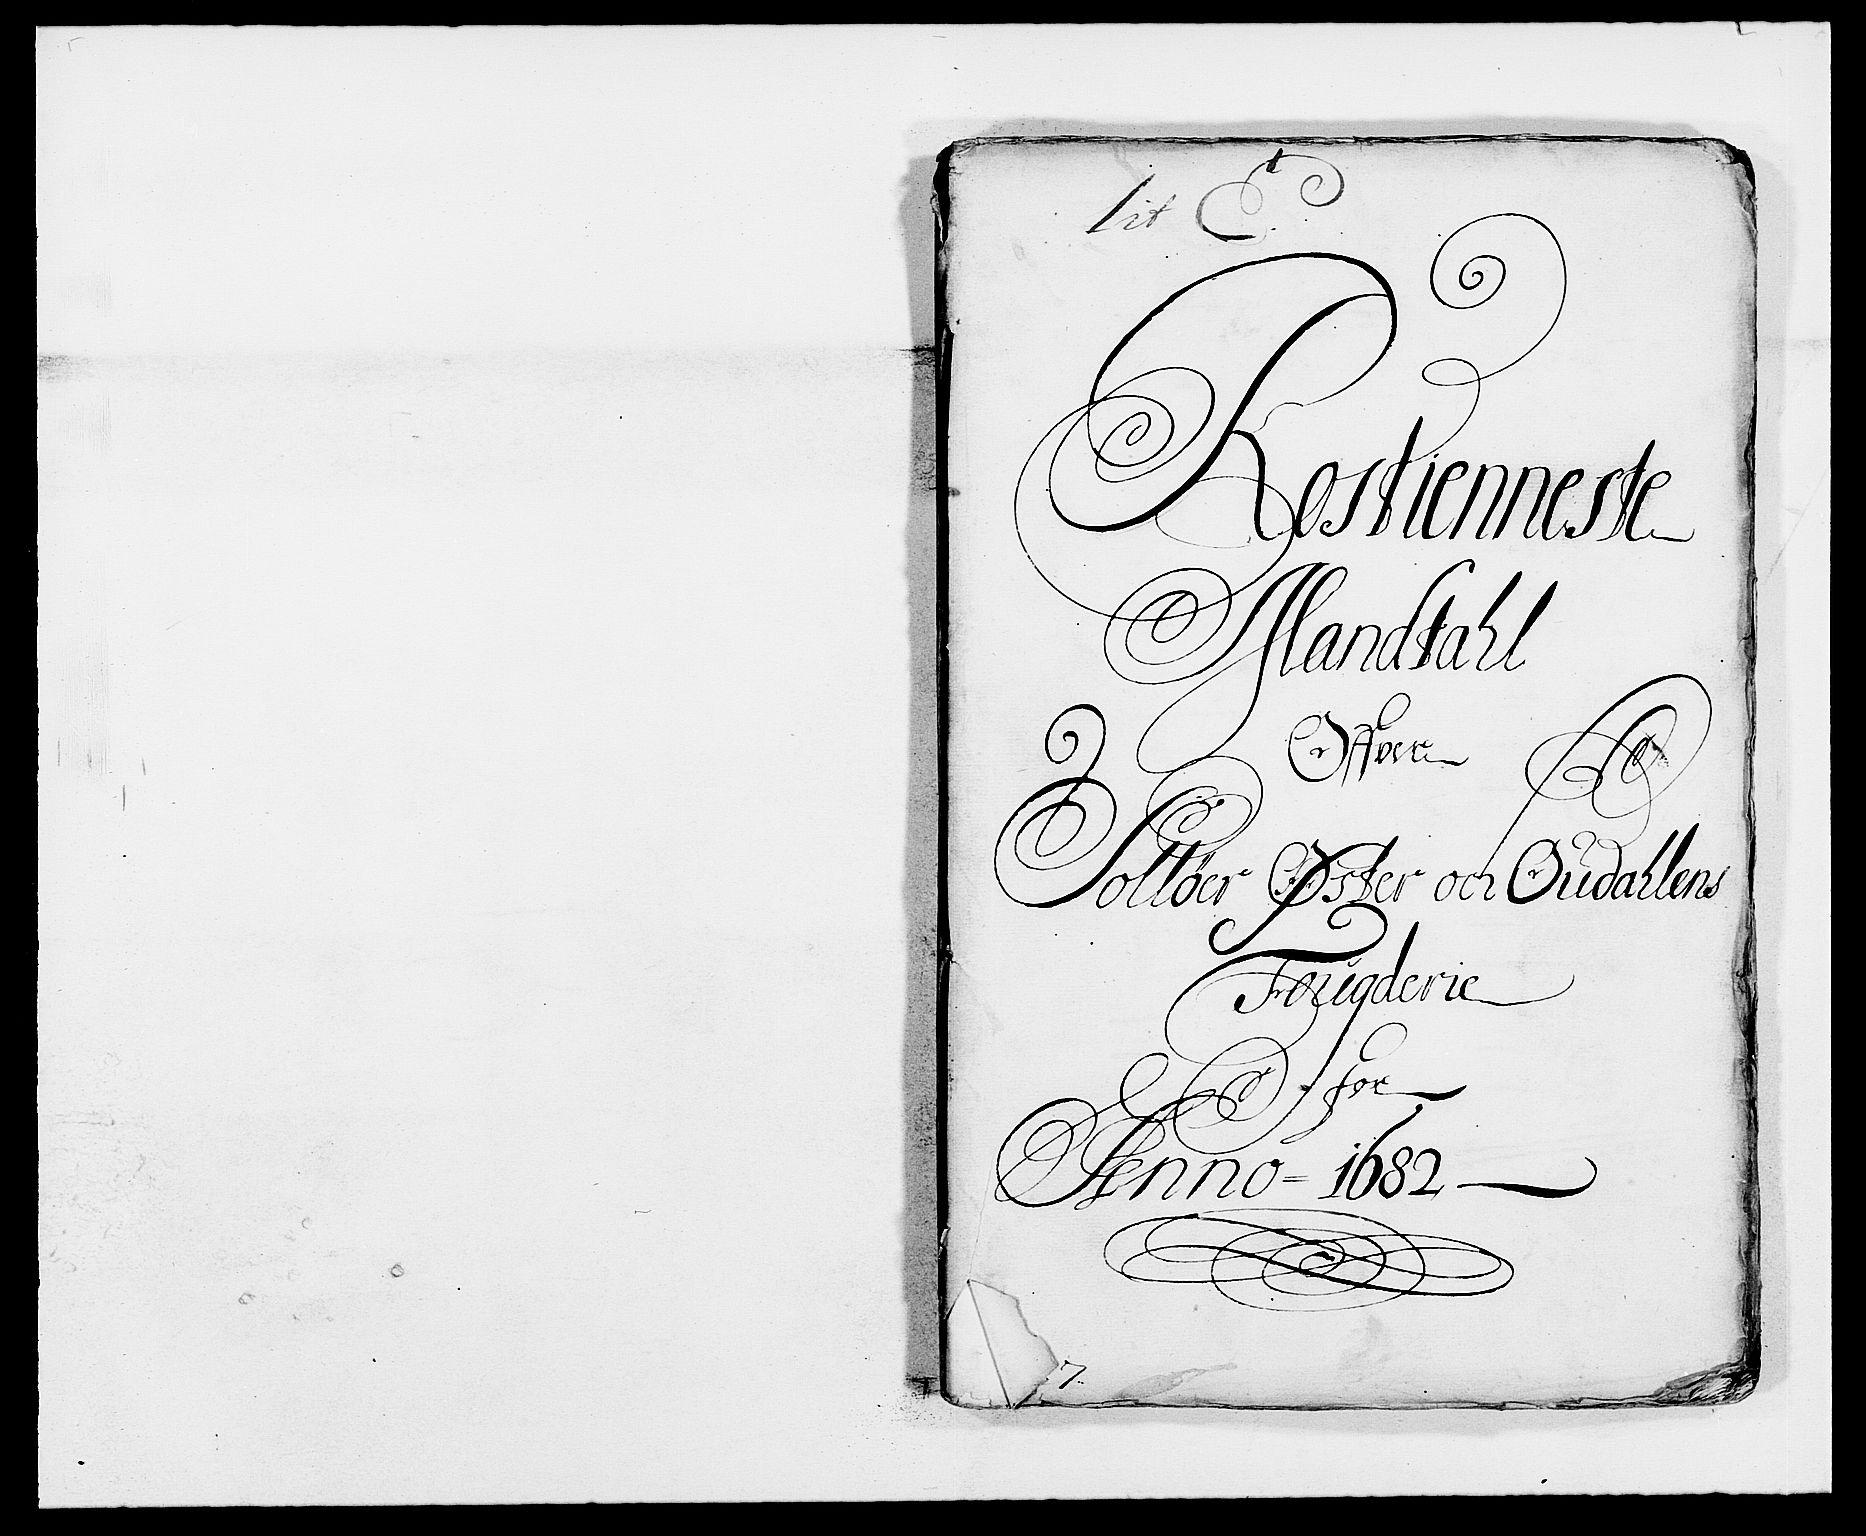 RA, Rentekammeret inntil 1814, Reviderte regnskaper, Fogderegnskap, R13/L0819: Fogderegnskap Solør, Odal og Østerdal, 1682, s. 218